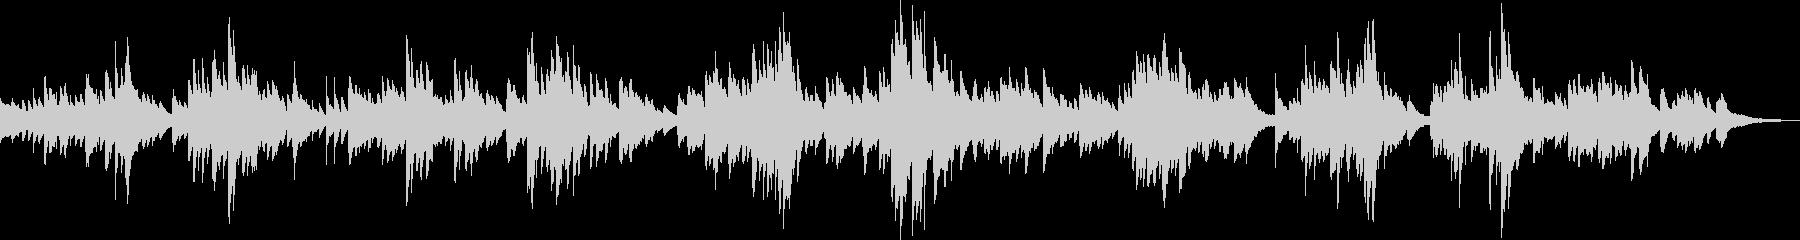 神秘的なピアノBGM(幻想的・美しい)の未再生の波形